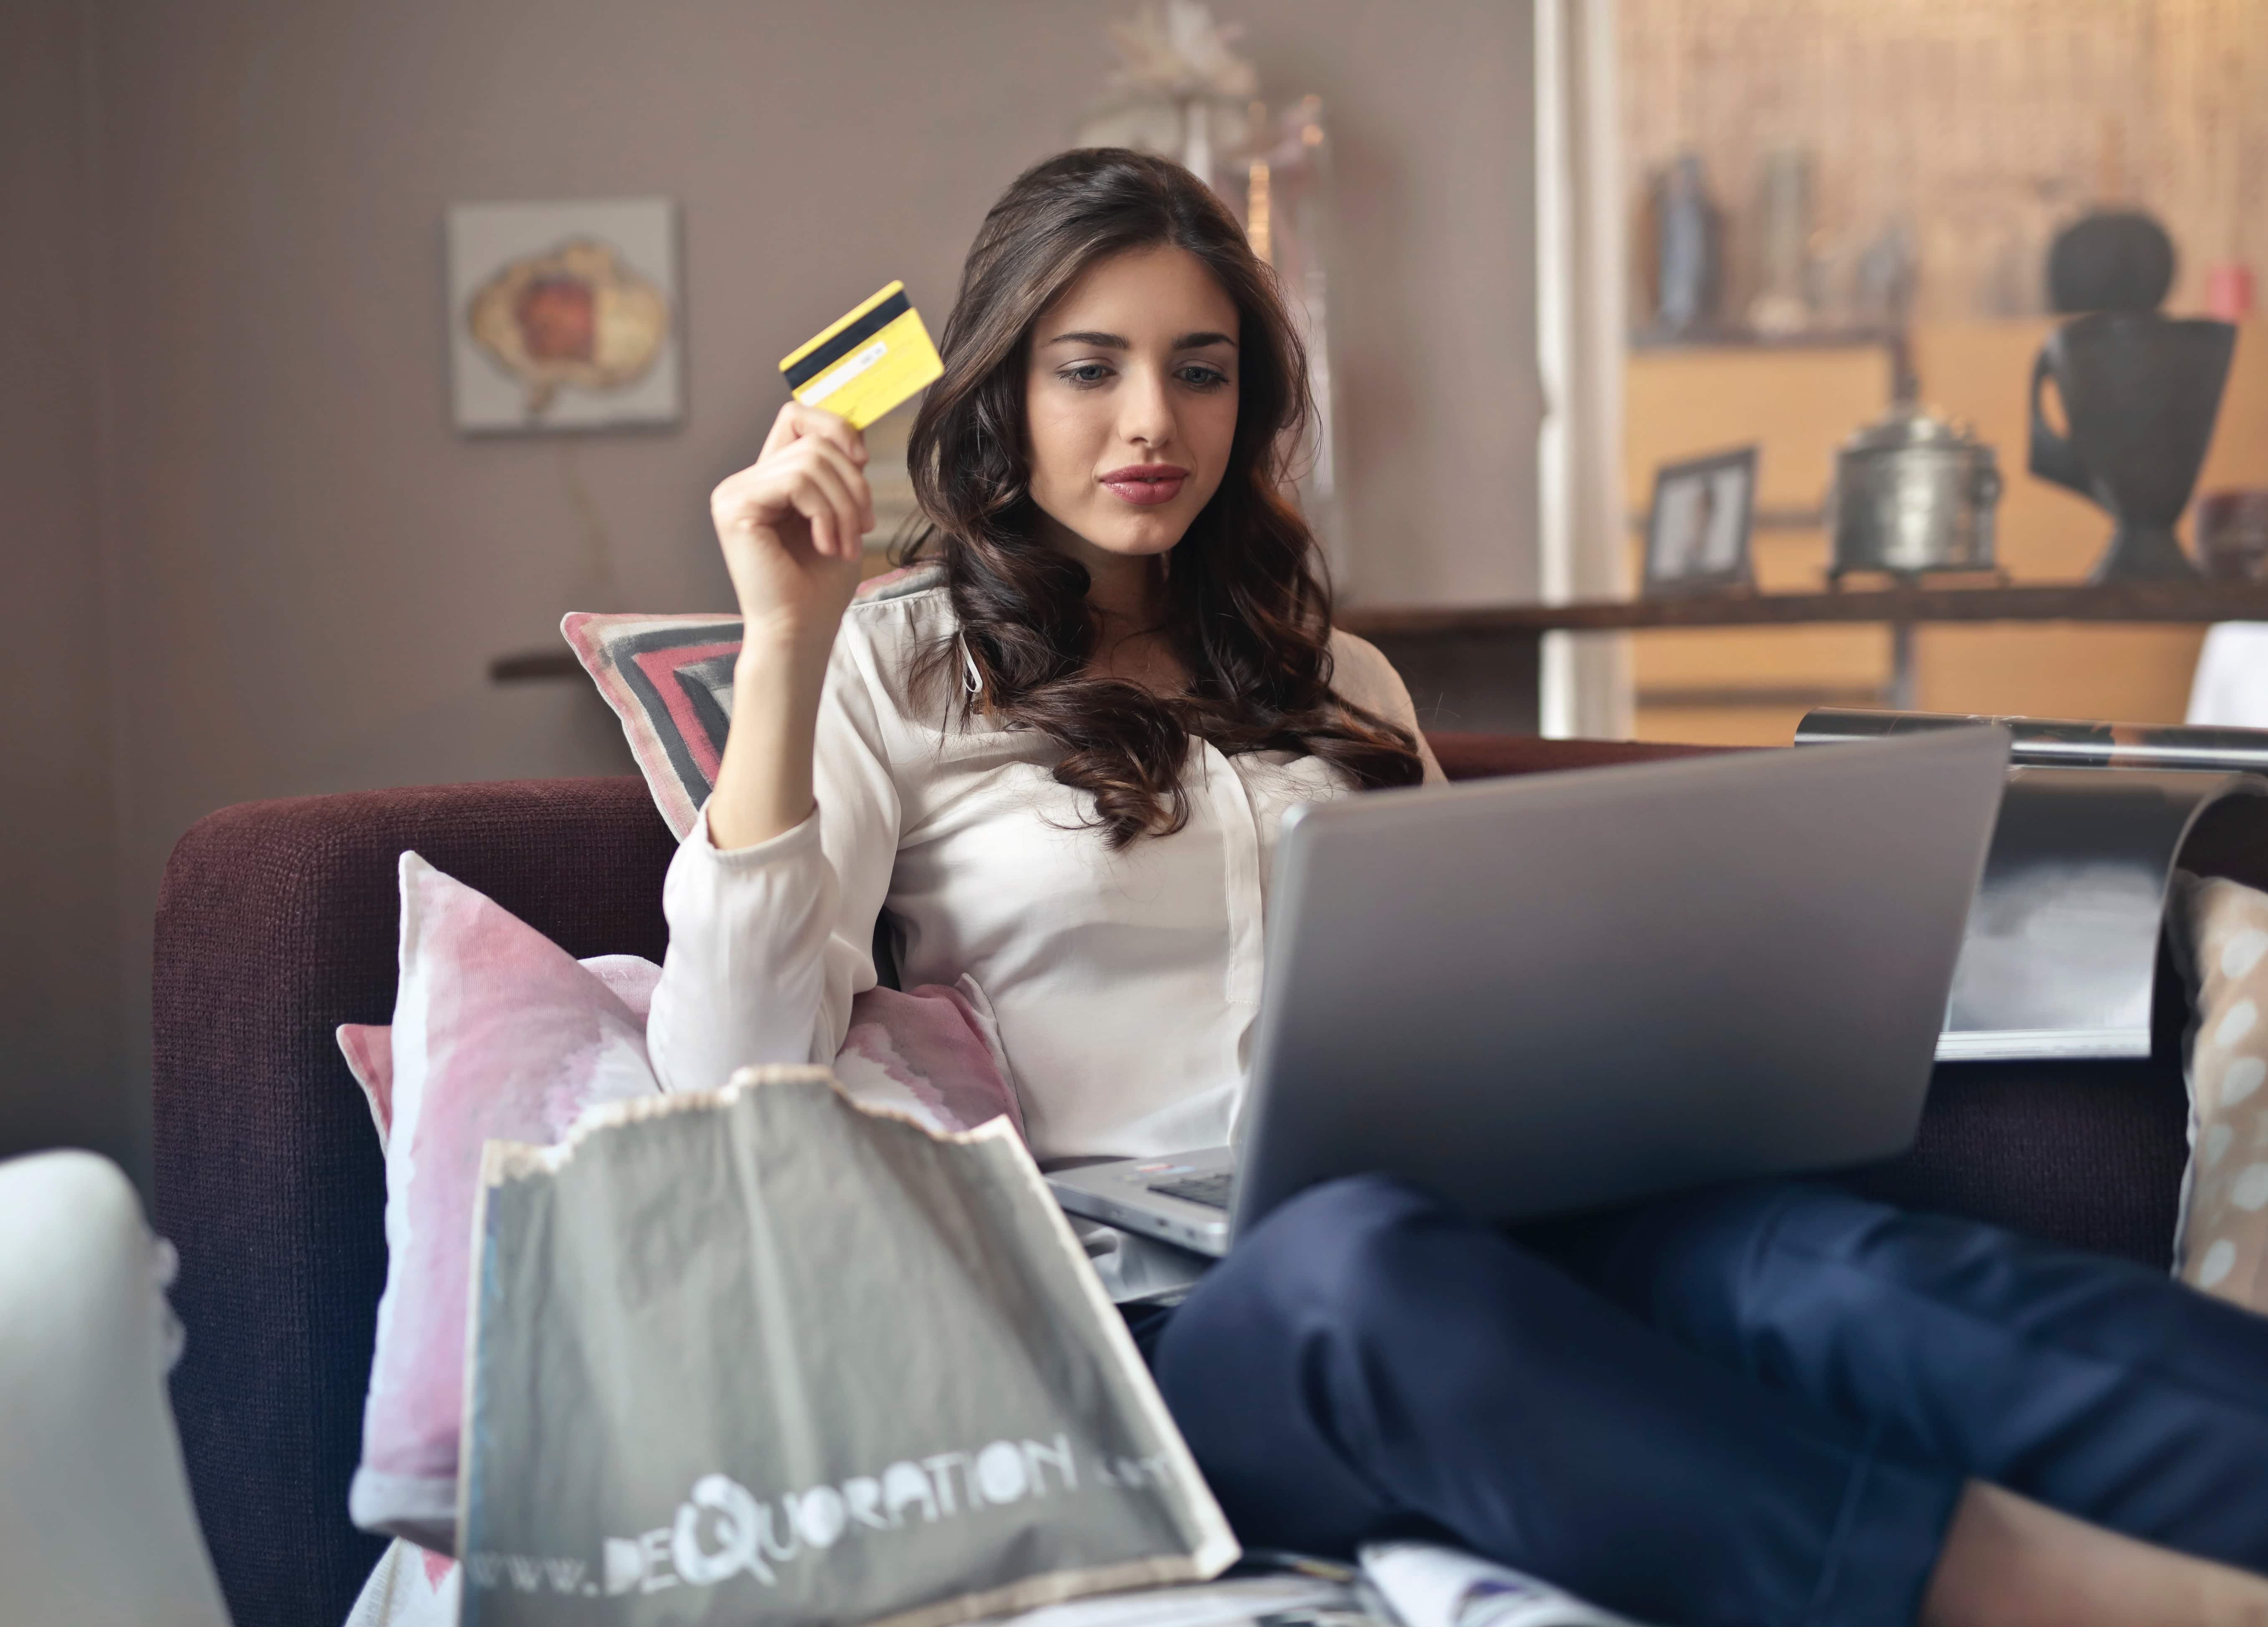 93636690bbb7 Tjen penge på din hjemmeside og blog ⇒ 21 effektive tips og råd